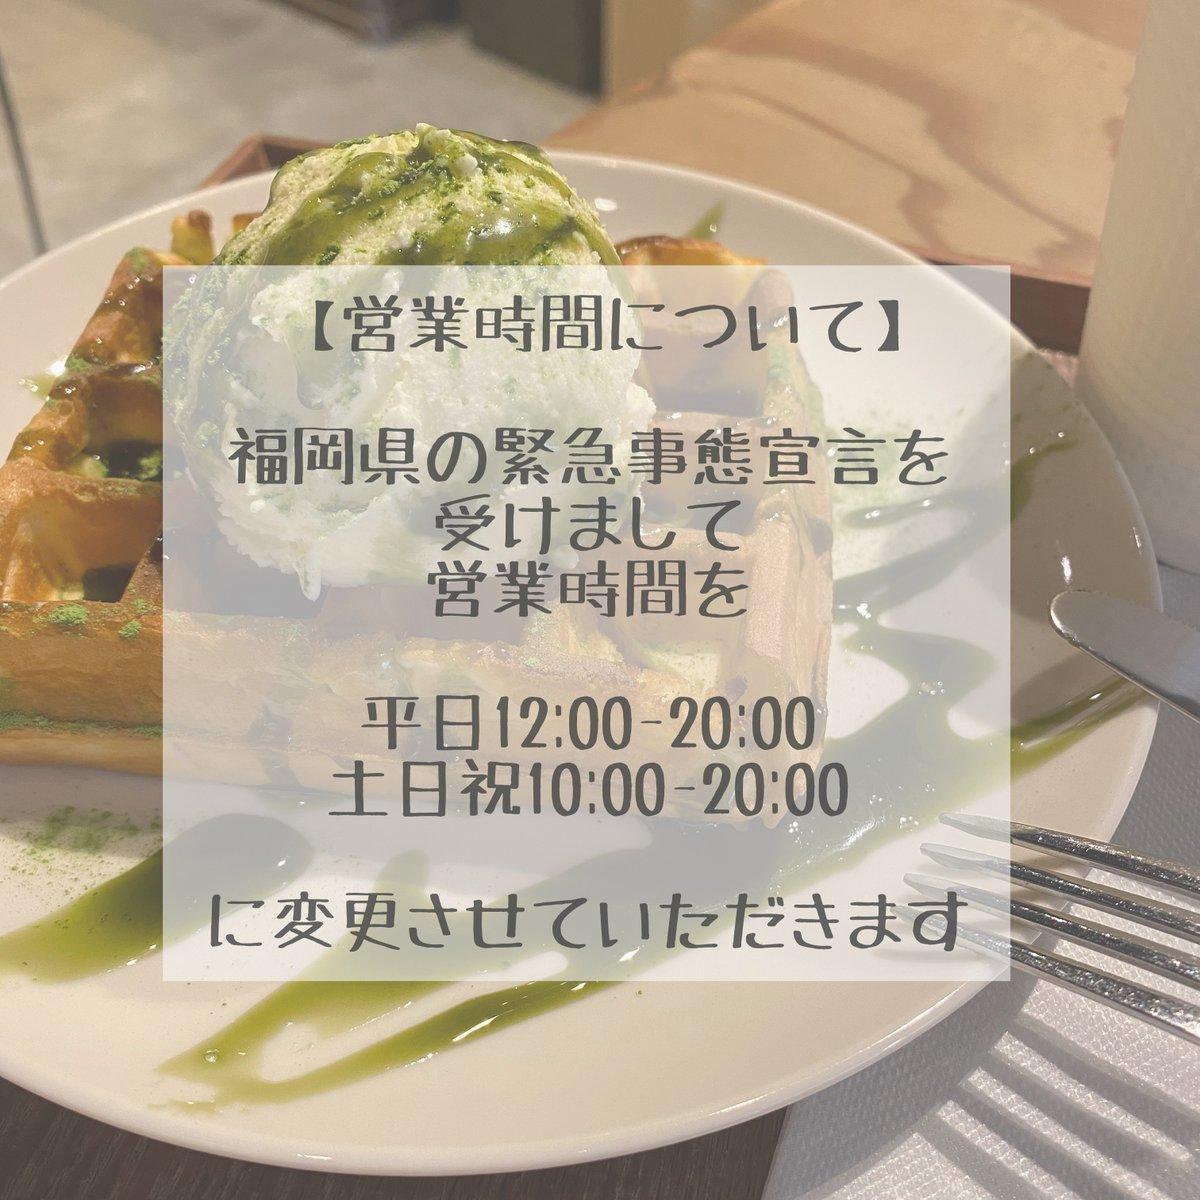 【営業時間変更のお知らせ】  福岡県の緊急事態宣言を受けまして、 明日より営業時間を 平日12:00〜20:00 土日祝10:00〜20:00 に変更いたします。  また、本日は講座の開催のため 『16時』までの営業とさせていただきます。  皆様には大変ご迷惑をお掛致しますが、ご理解の程よろしくお願い致します。 https://t.co/gdwdlfpqw1